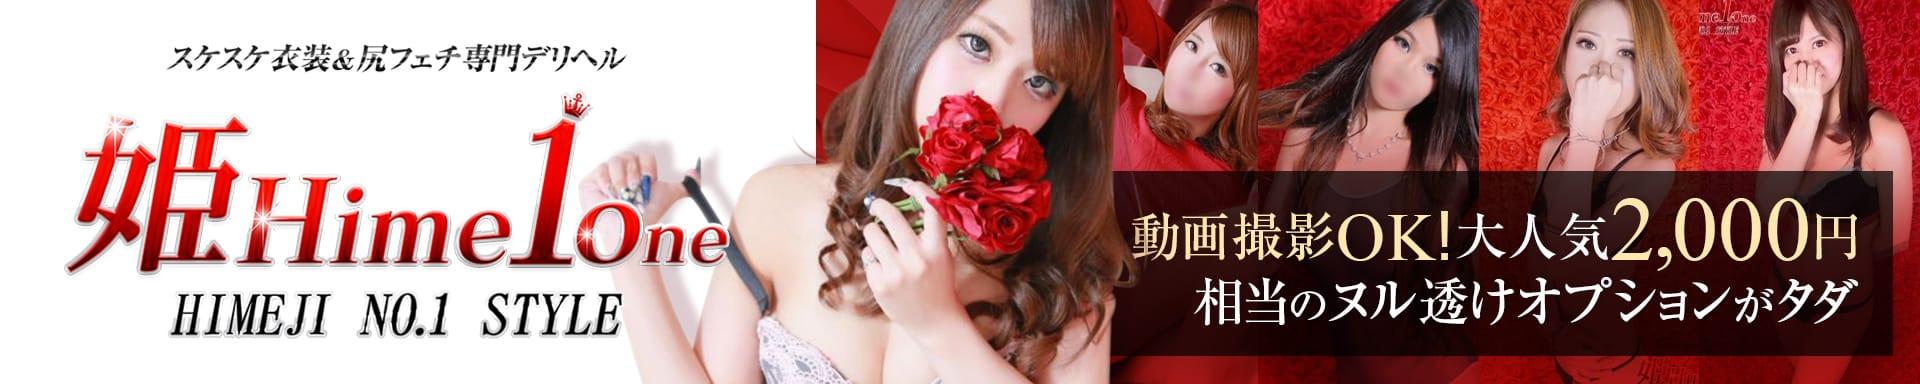 姫Hime1one その2